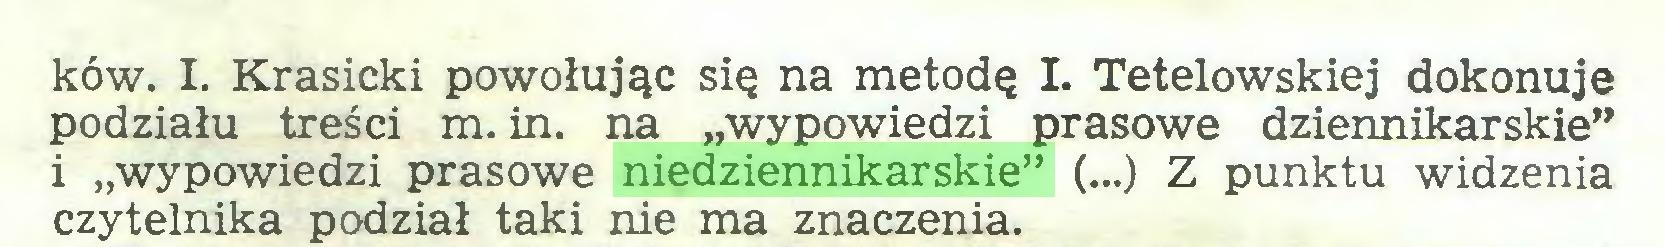 """(...) ków. I. Krasicki powołując się na metodę I. Tetelowskiej dokonuje podziału treści m. in. na """"wypowiedzi prasowe dziennikarskie"""" i """"wypowiedzi prasowe niedziennikarskie"""" (...) Z punktu widzenia czytelnika podział taki nie ma znaczenia..."""